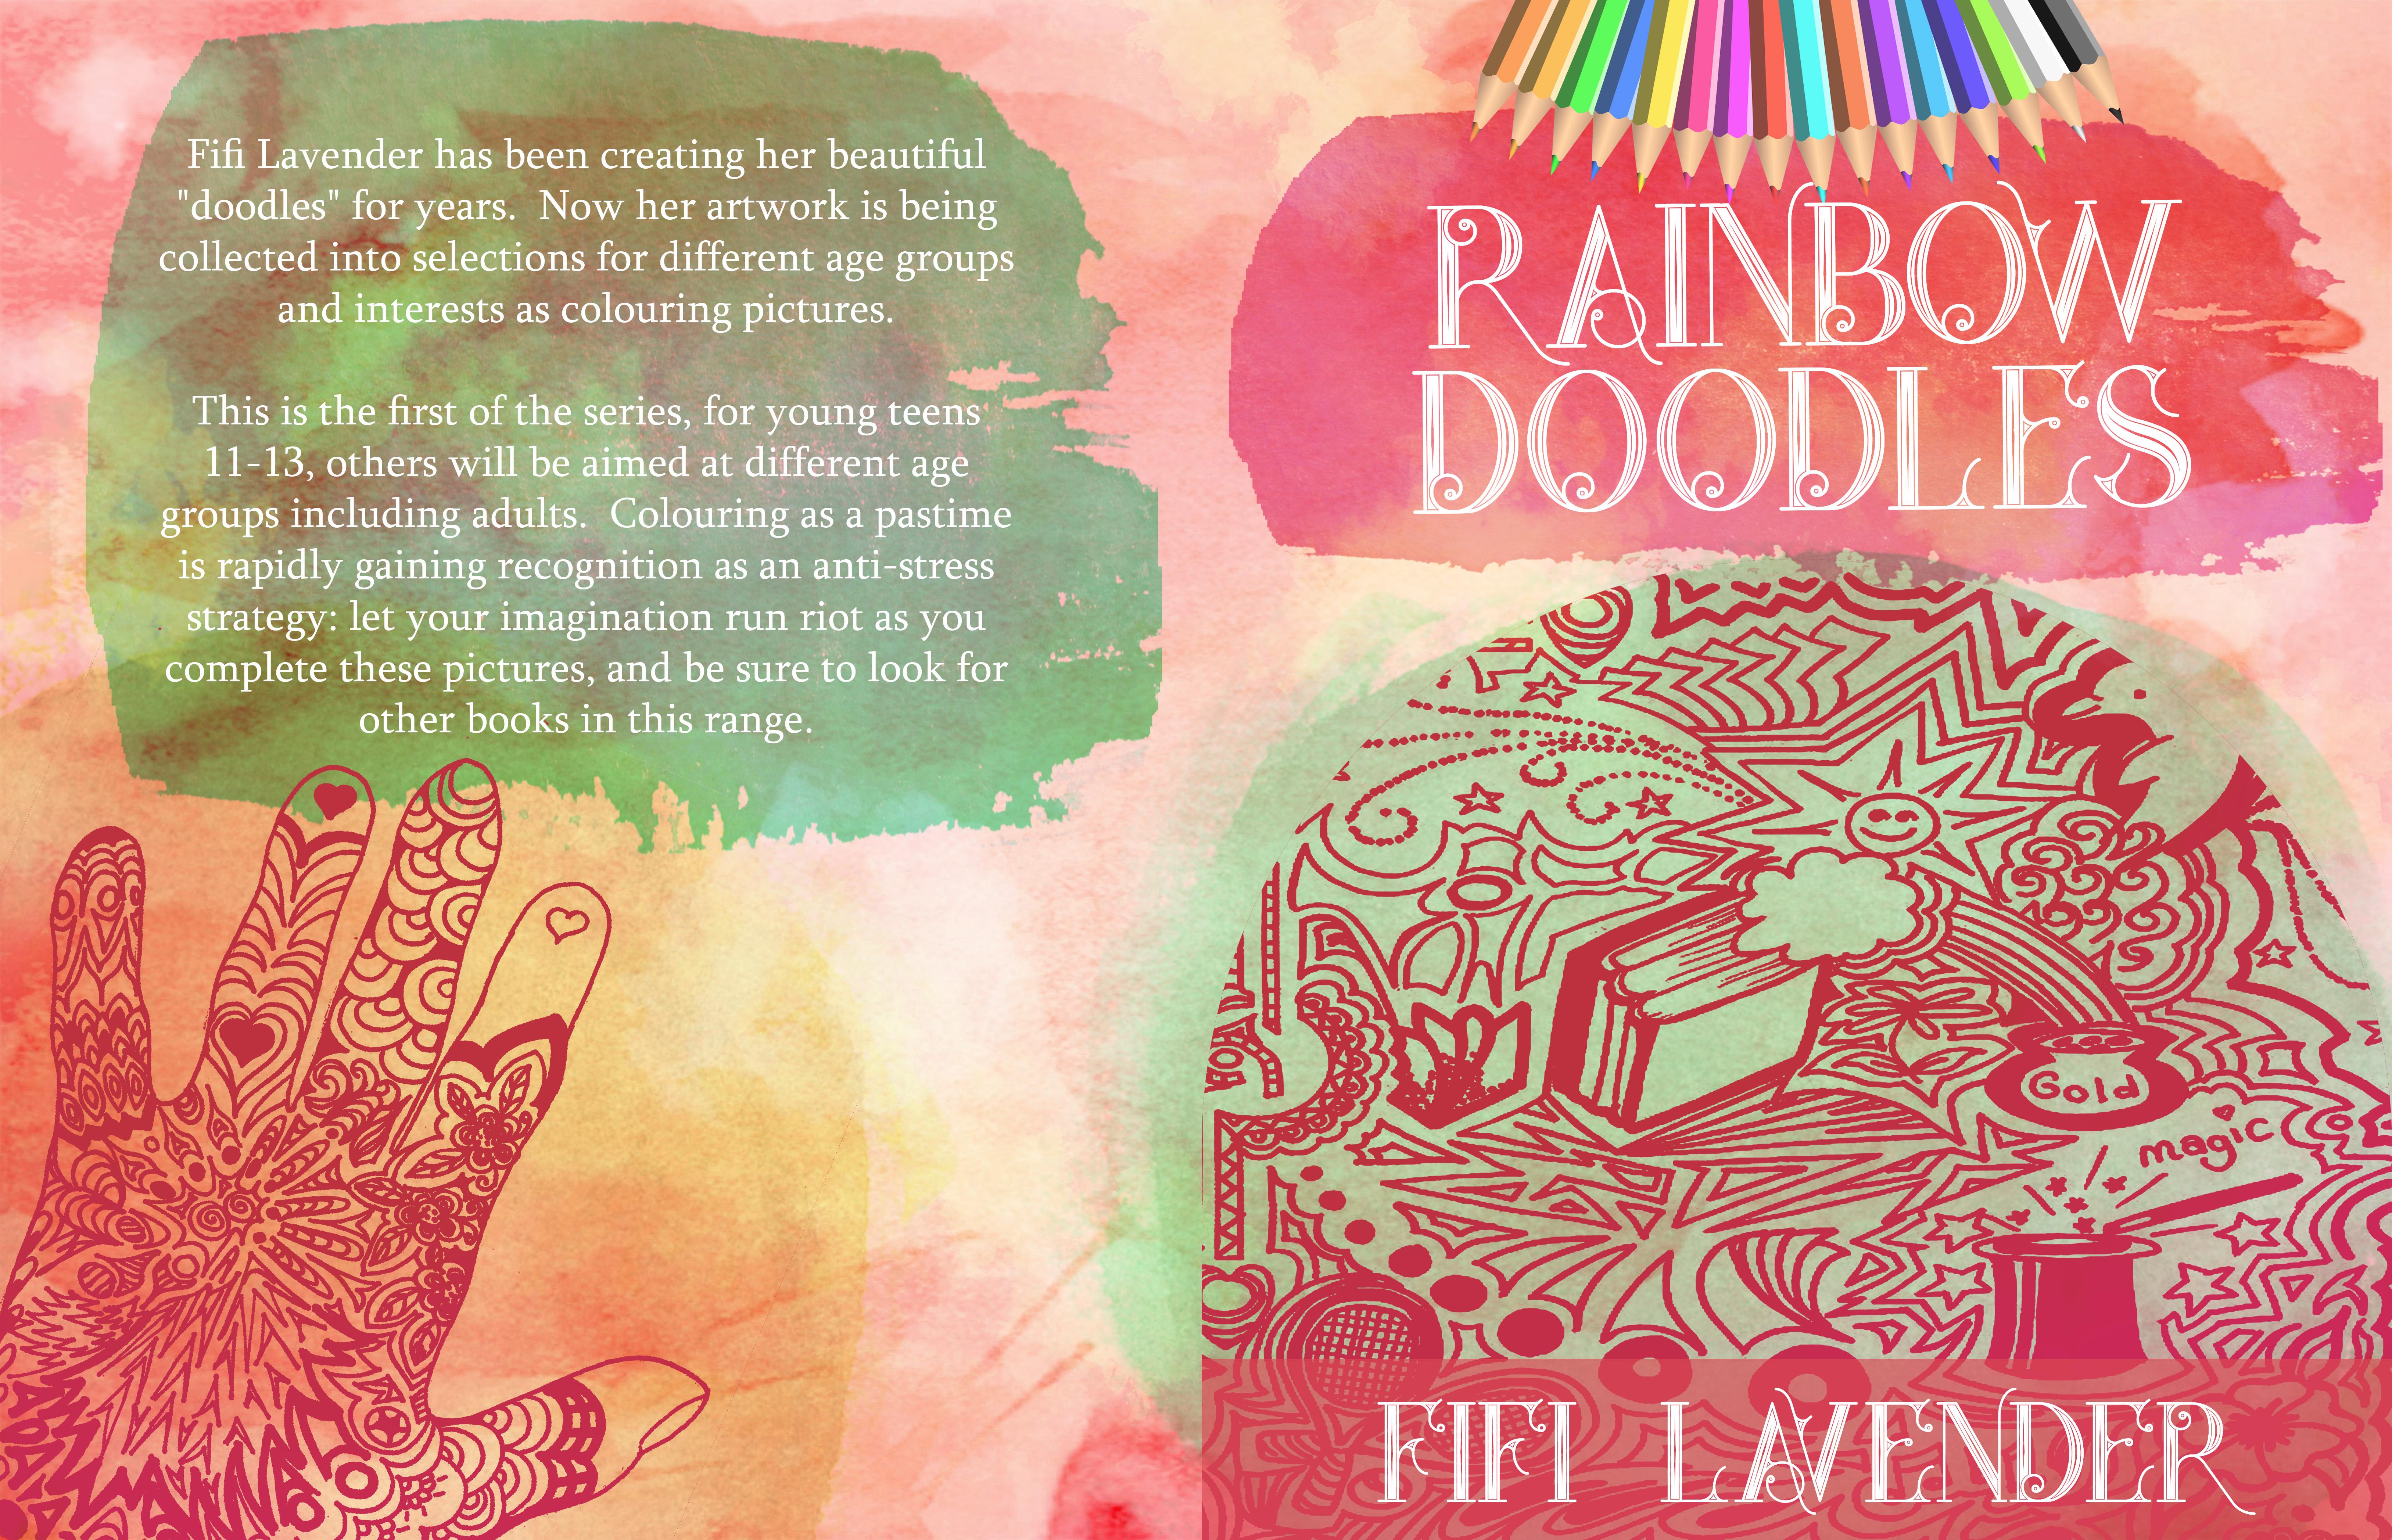 Fifi Lavender - Rainbow Doodles